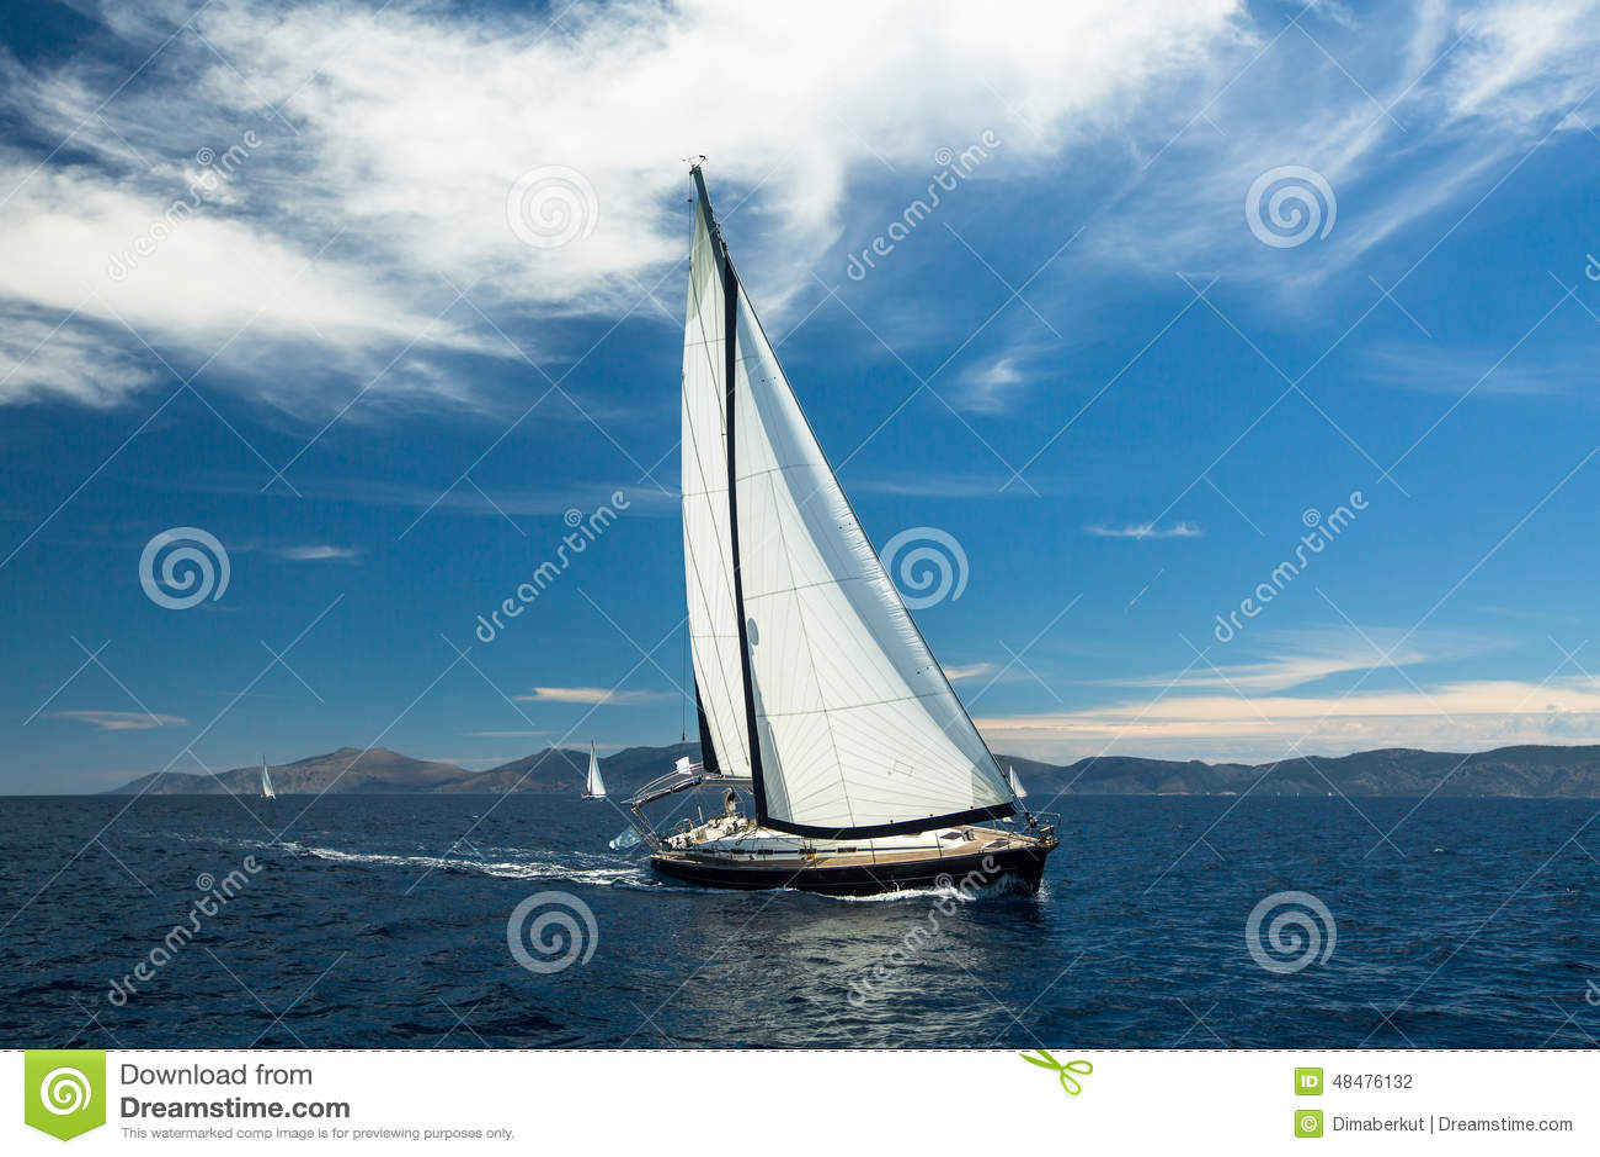 乘快艇 在航行赛船会的小船 豪华游艇行在小游艇船坞船坞的 旅行